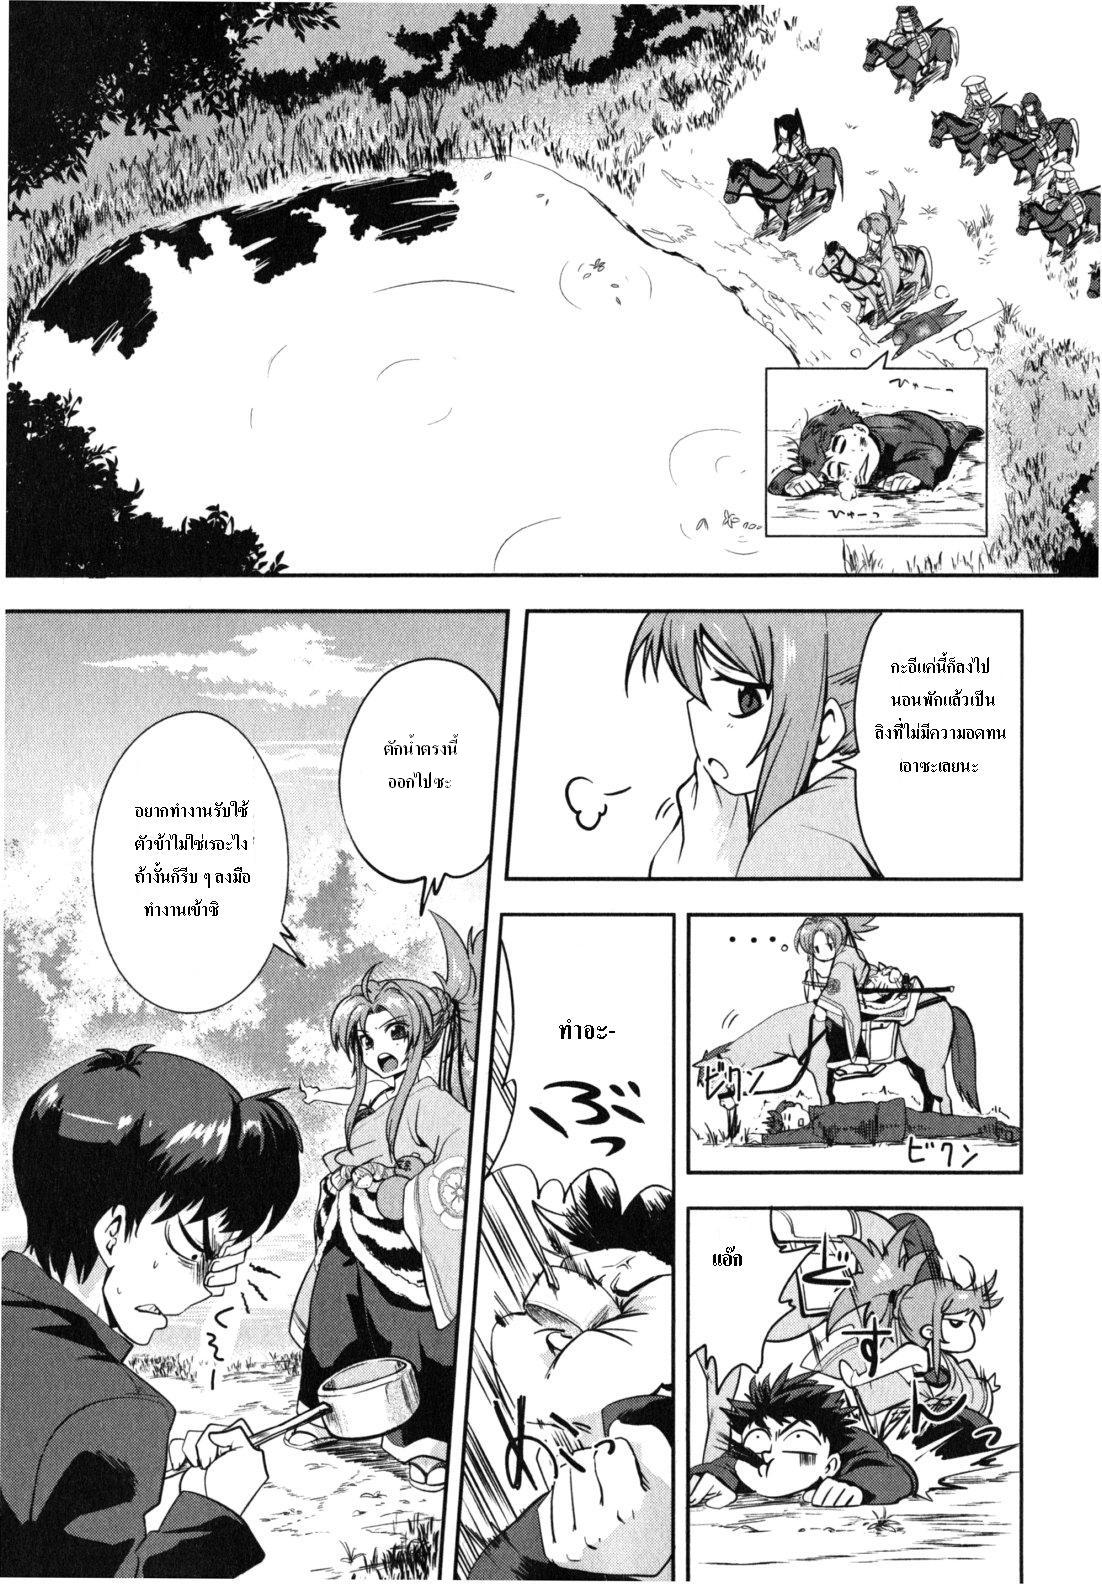 อ่านการ์ตูน Oda nobuna no yabou ch 1.2 ภาพที่ 17